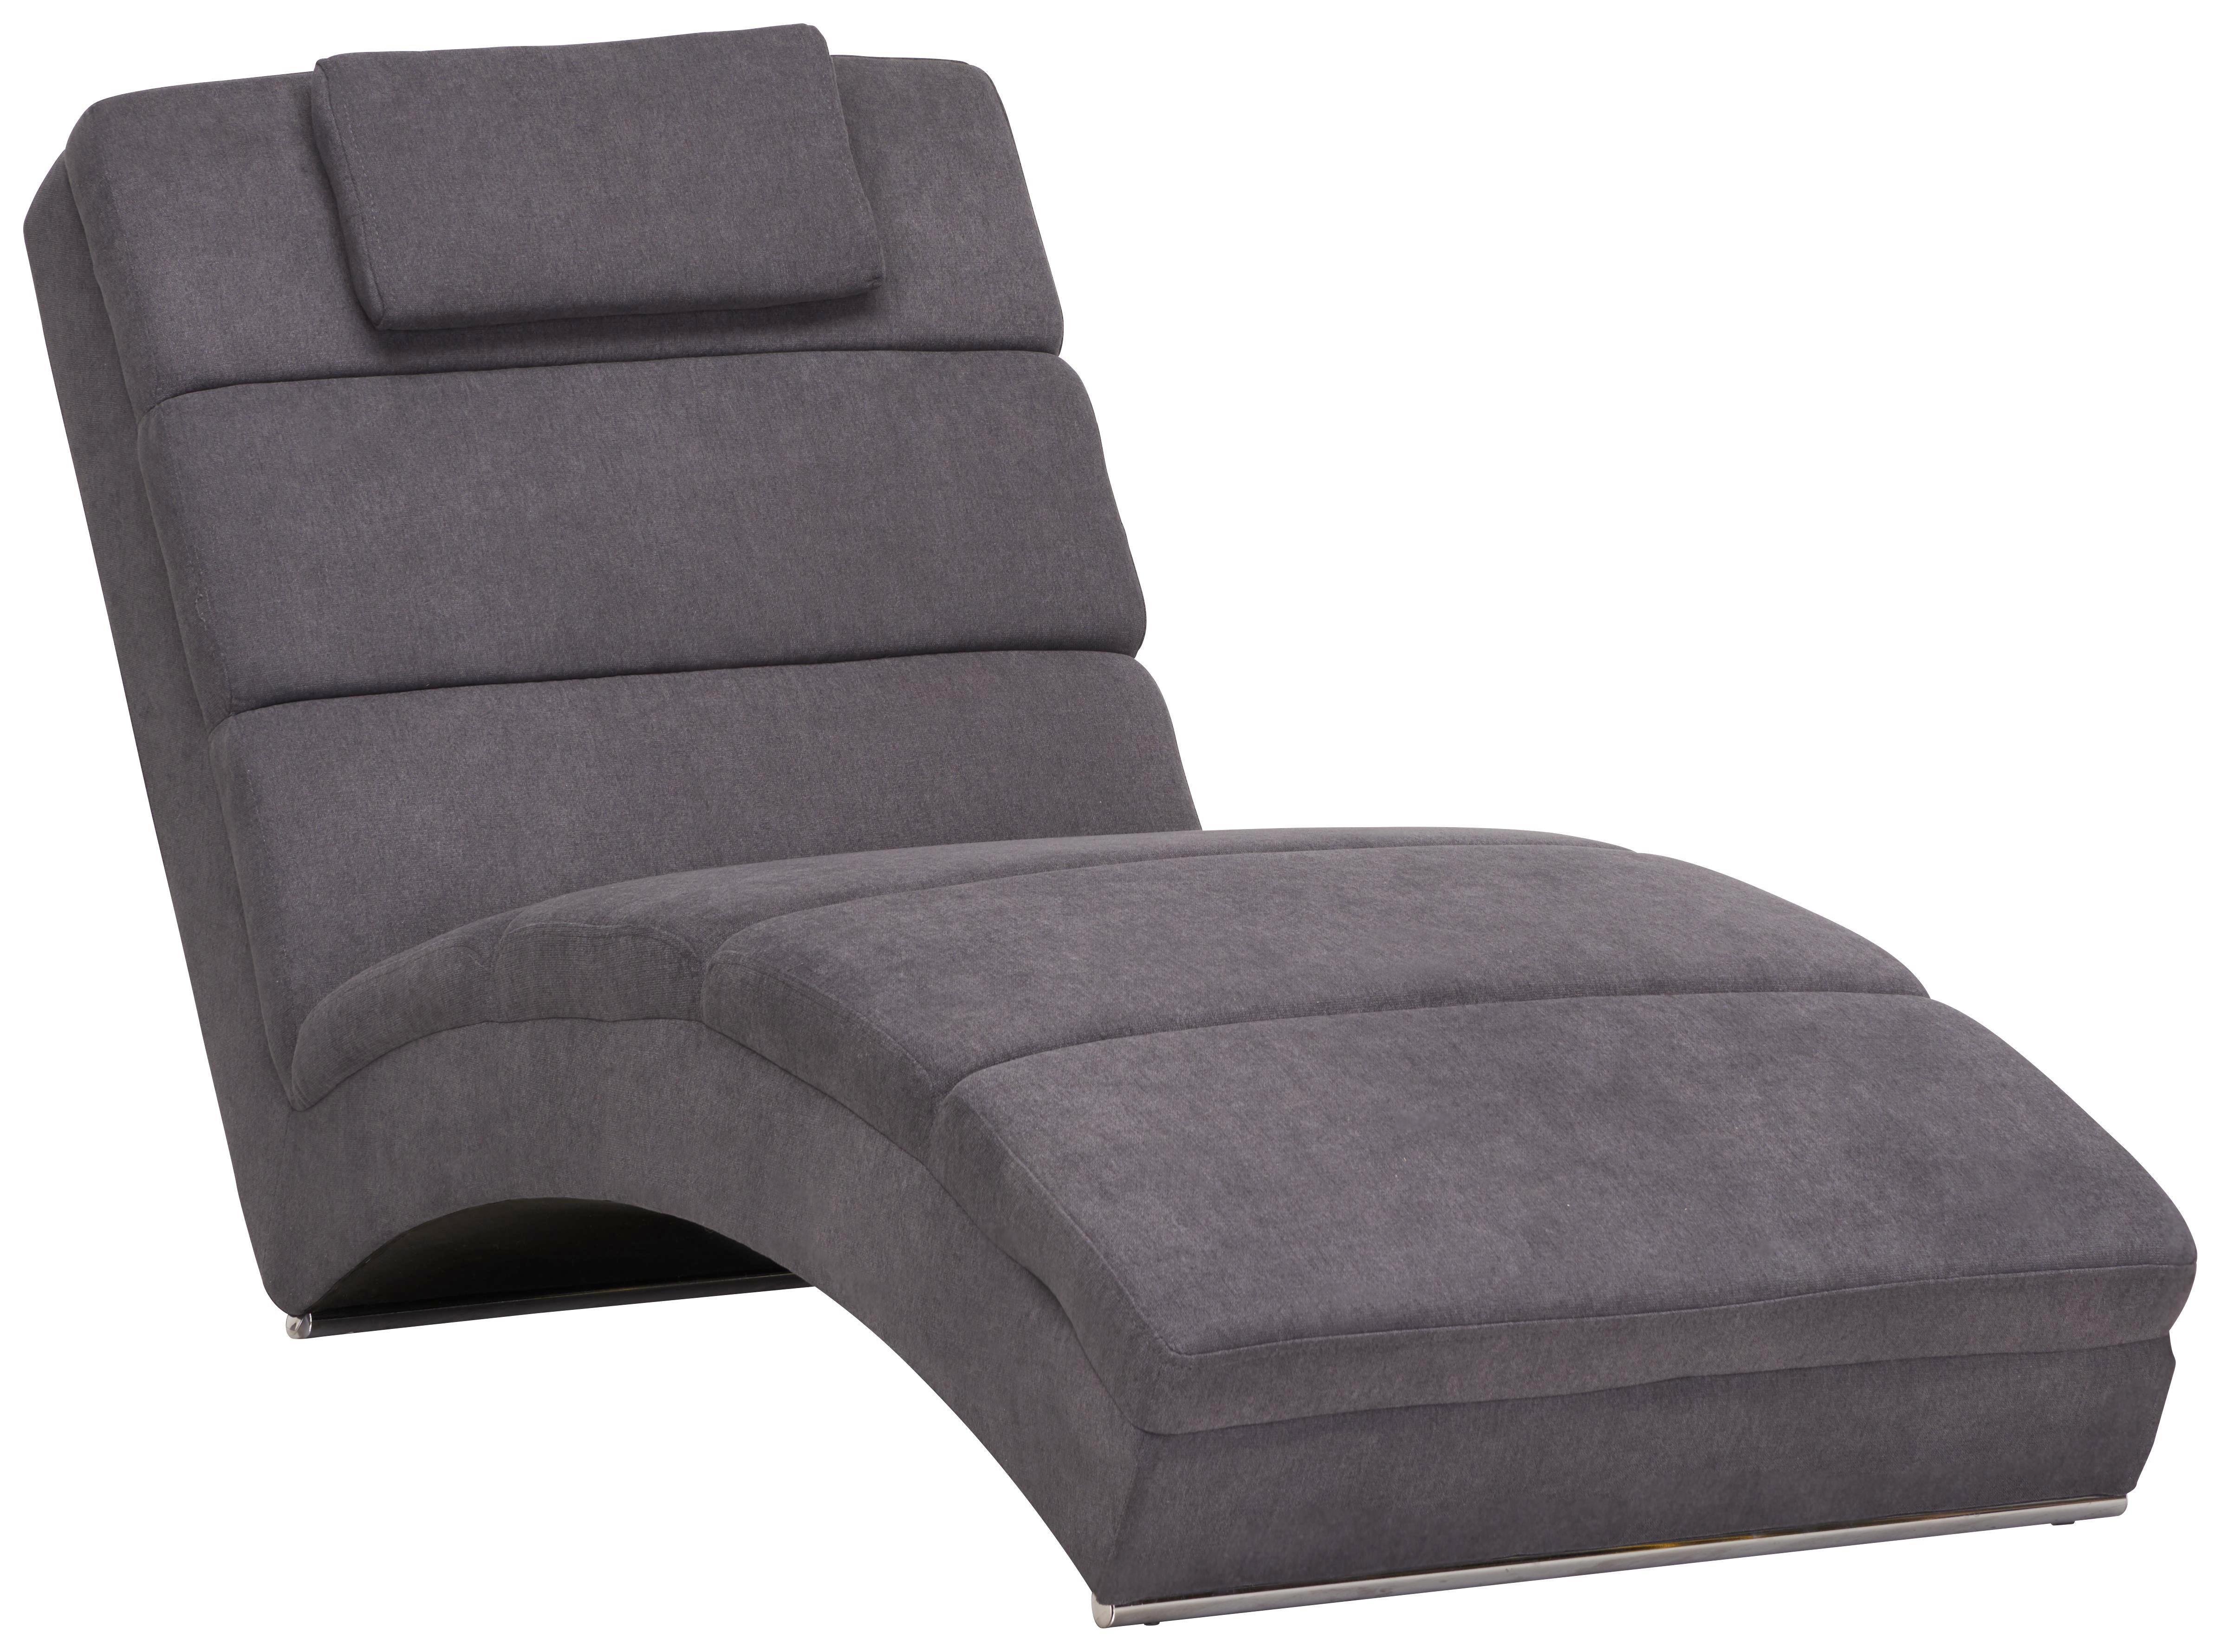 awesome liege webstoff grau design with relaxliege verstellbar